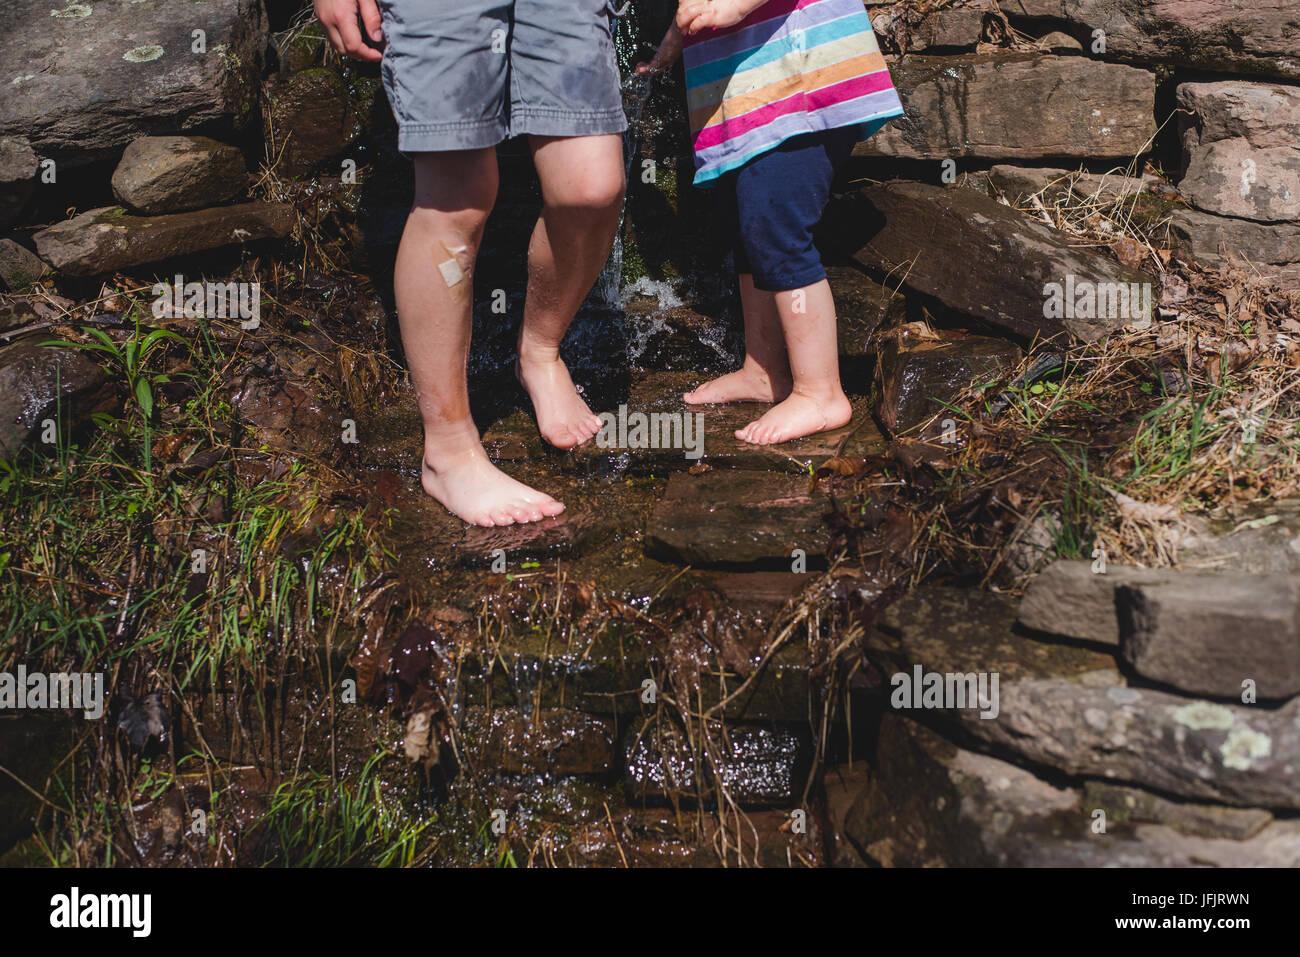 Les enfants jouent pieds nus dans une zone rurale Photo Stock